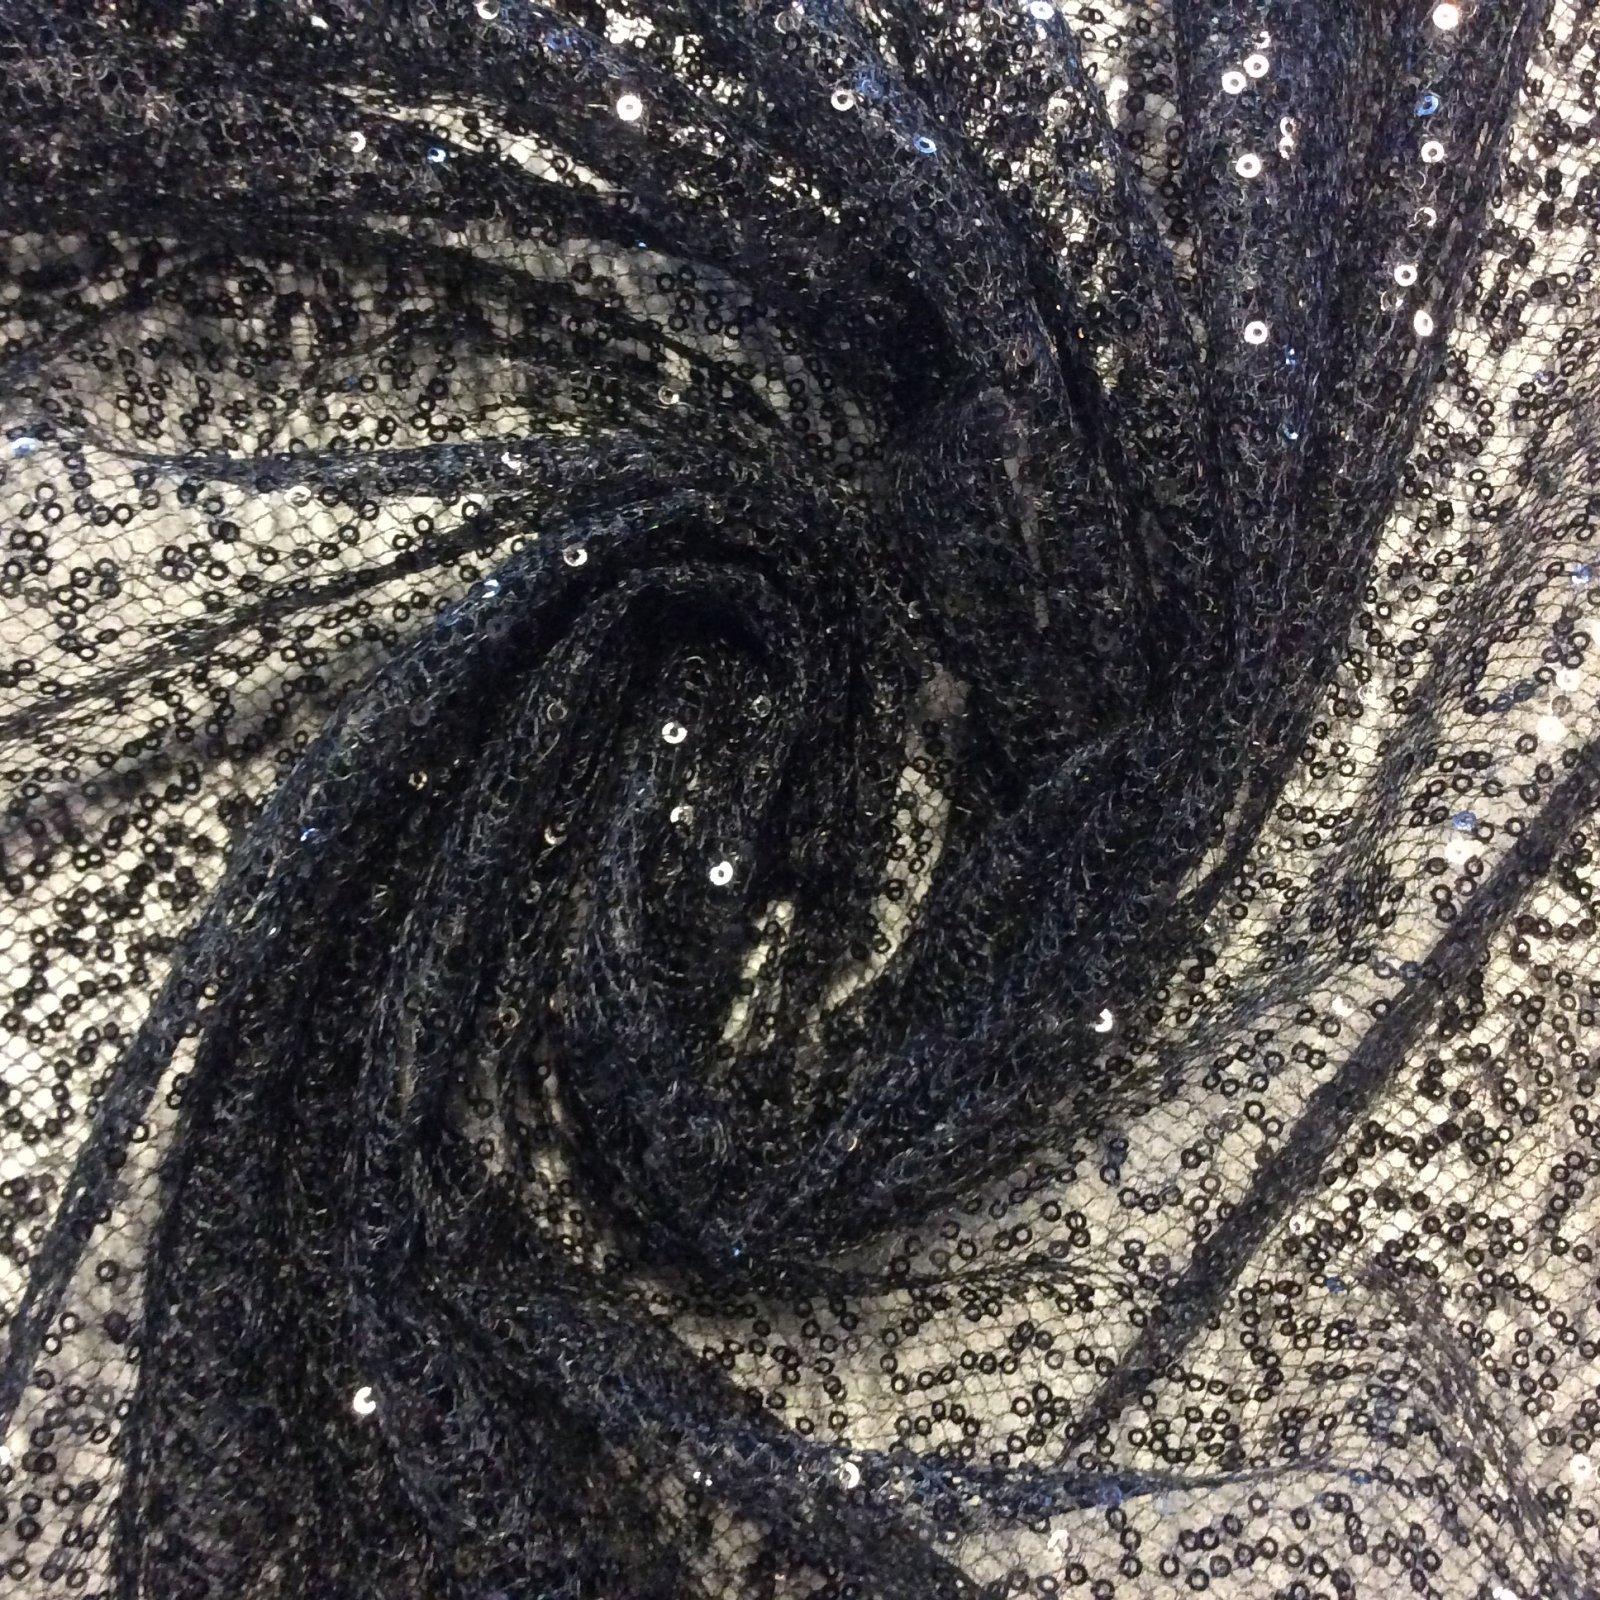 Black Mini Sequin Evening Wear Prom Black Mesh Netting Apparel Dress Fabric FM1403